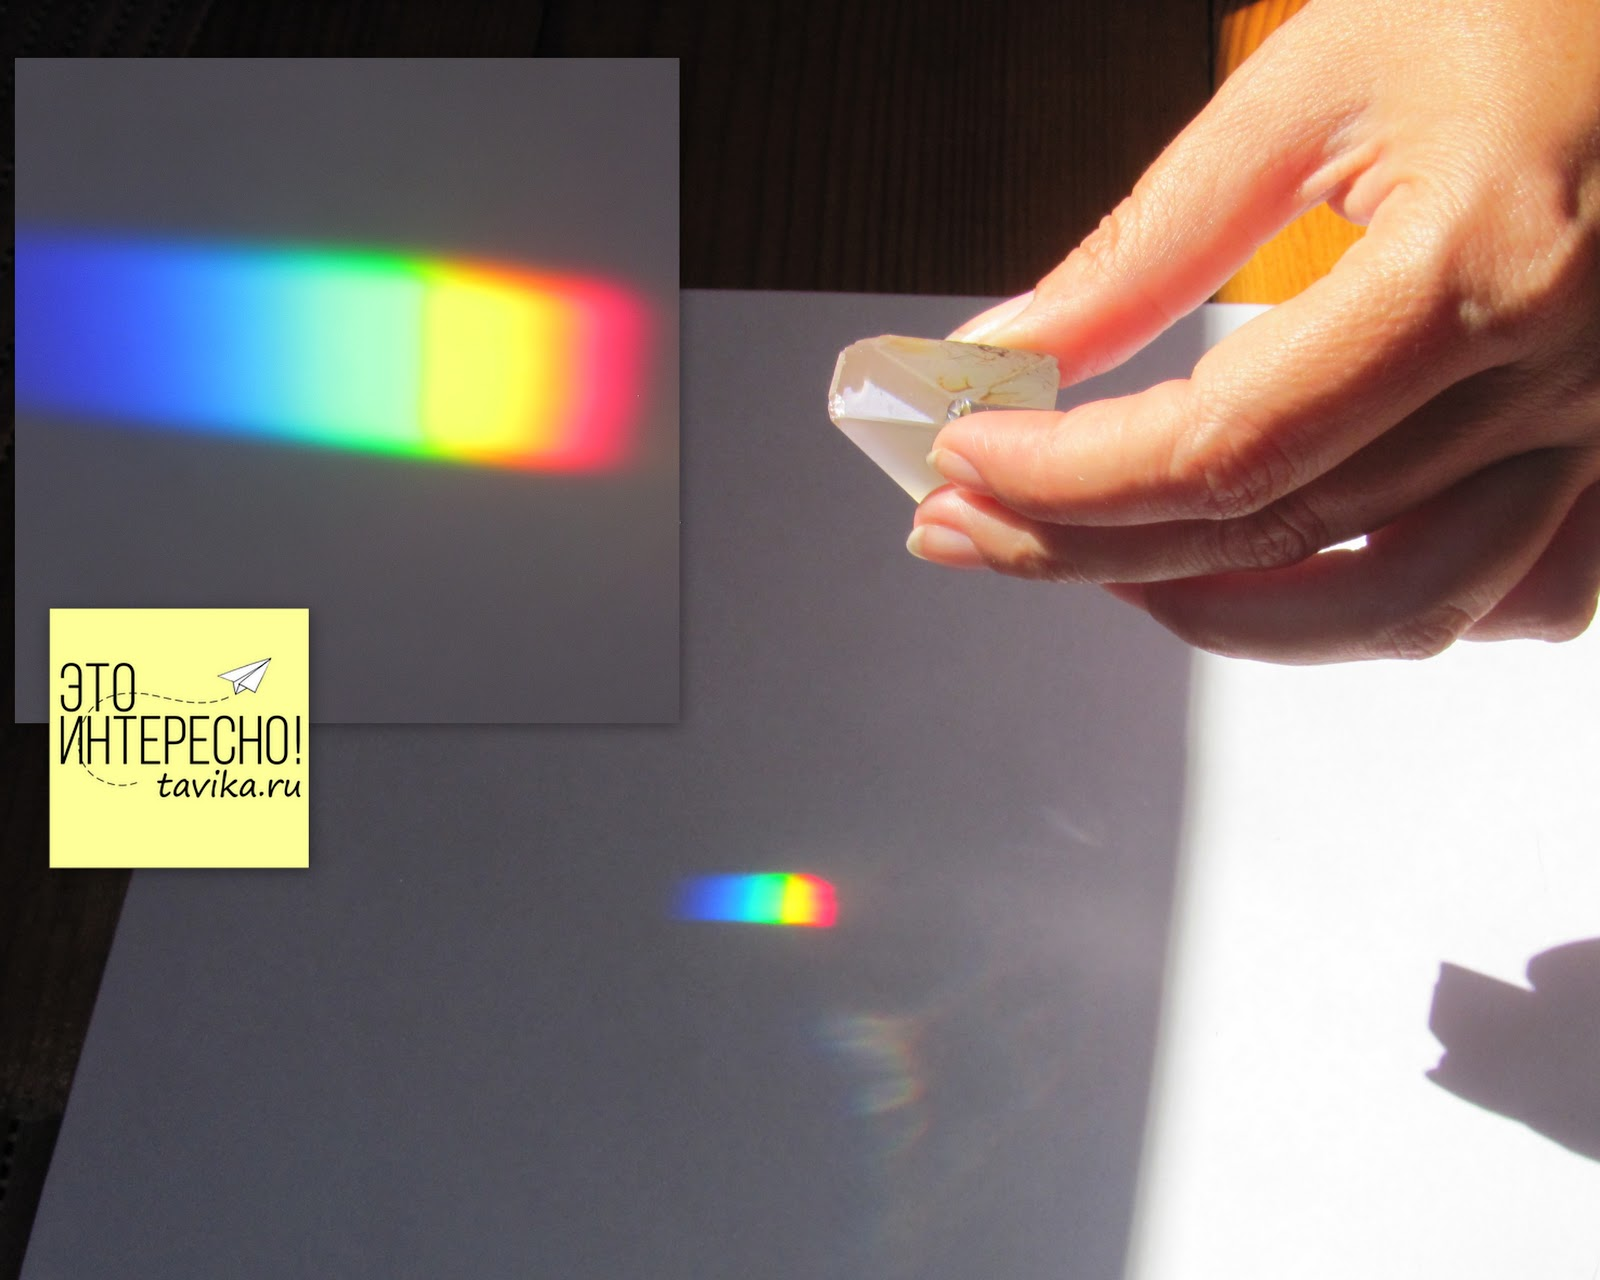 Как сделать радугу дома своими руками: эксперимент для детей 11